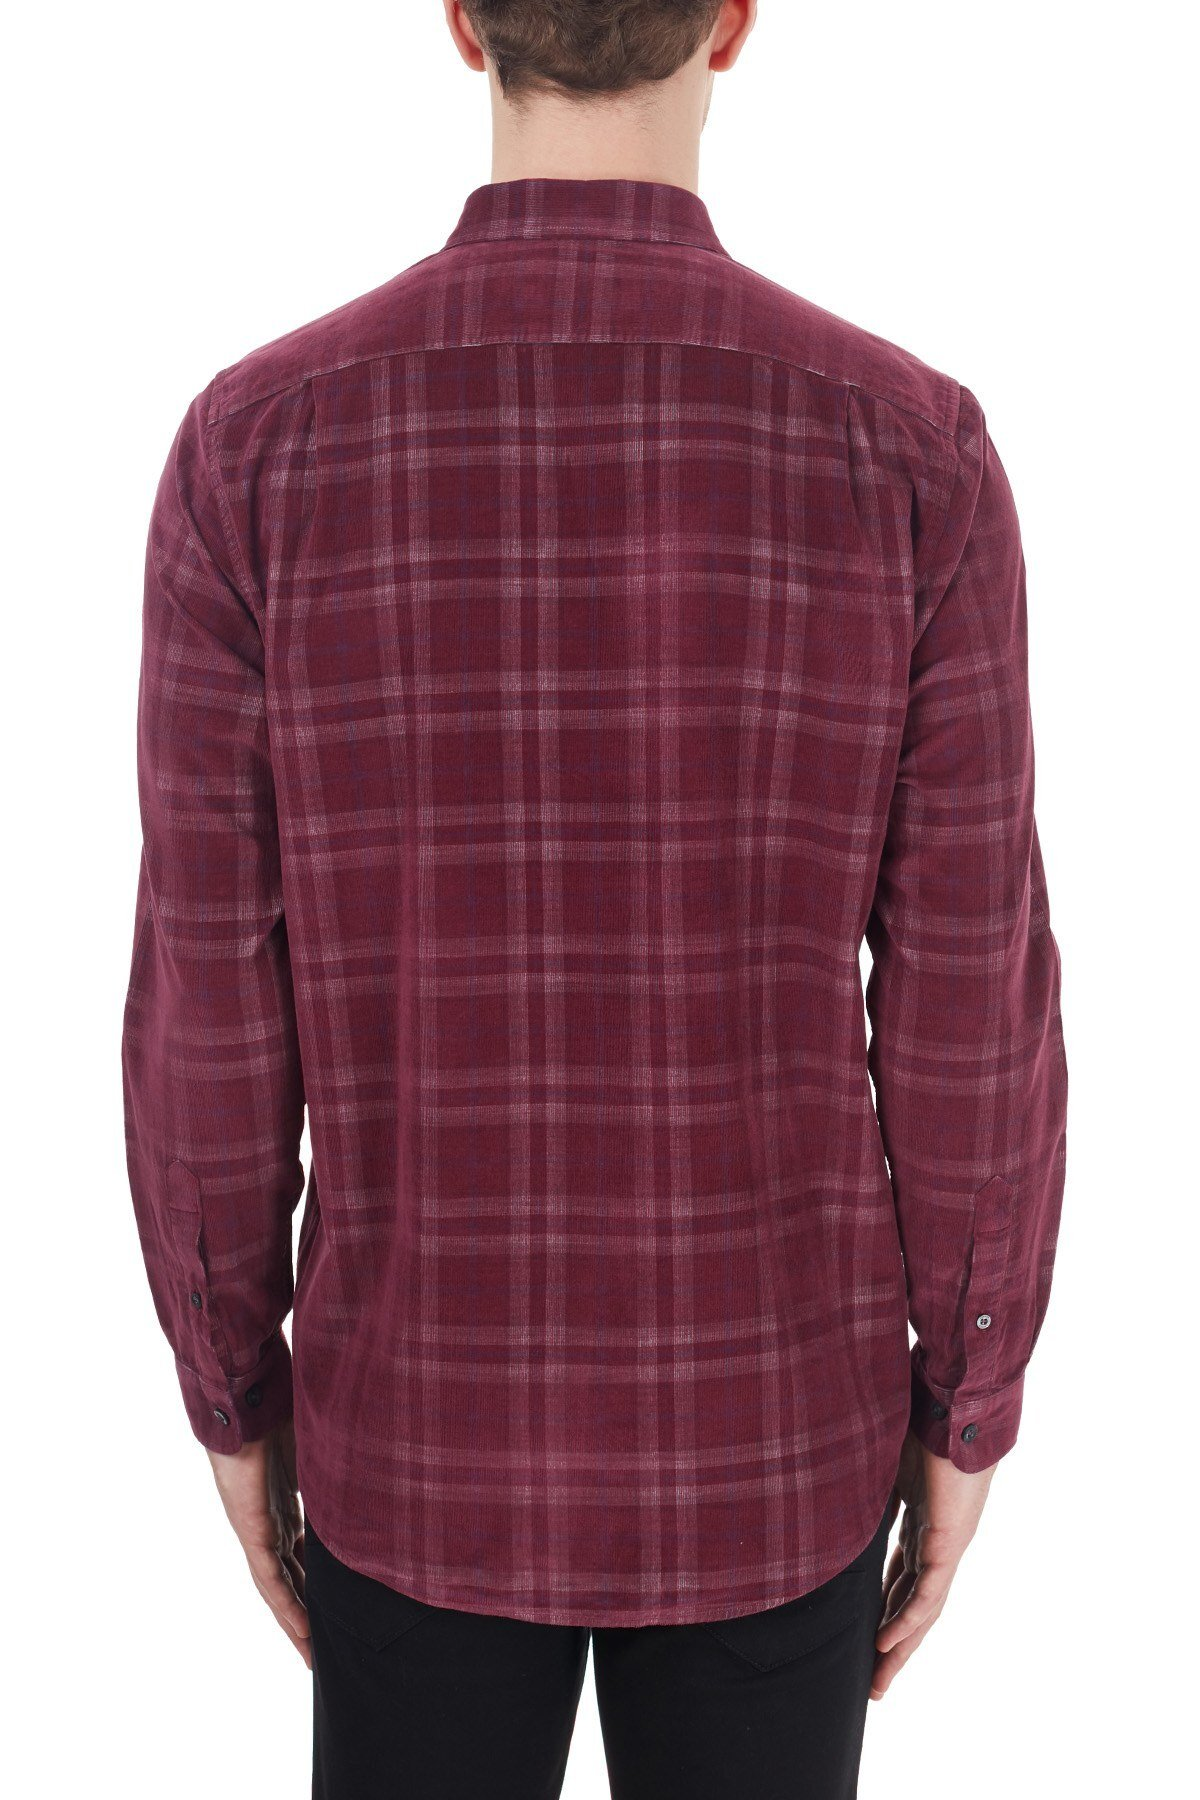 Lacoste Regular Fit Ekose Desenli Düğmeli Yaka % 100 Pamuk Erkek Gömlek CH2113 13R BORDO